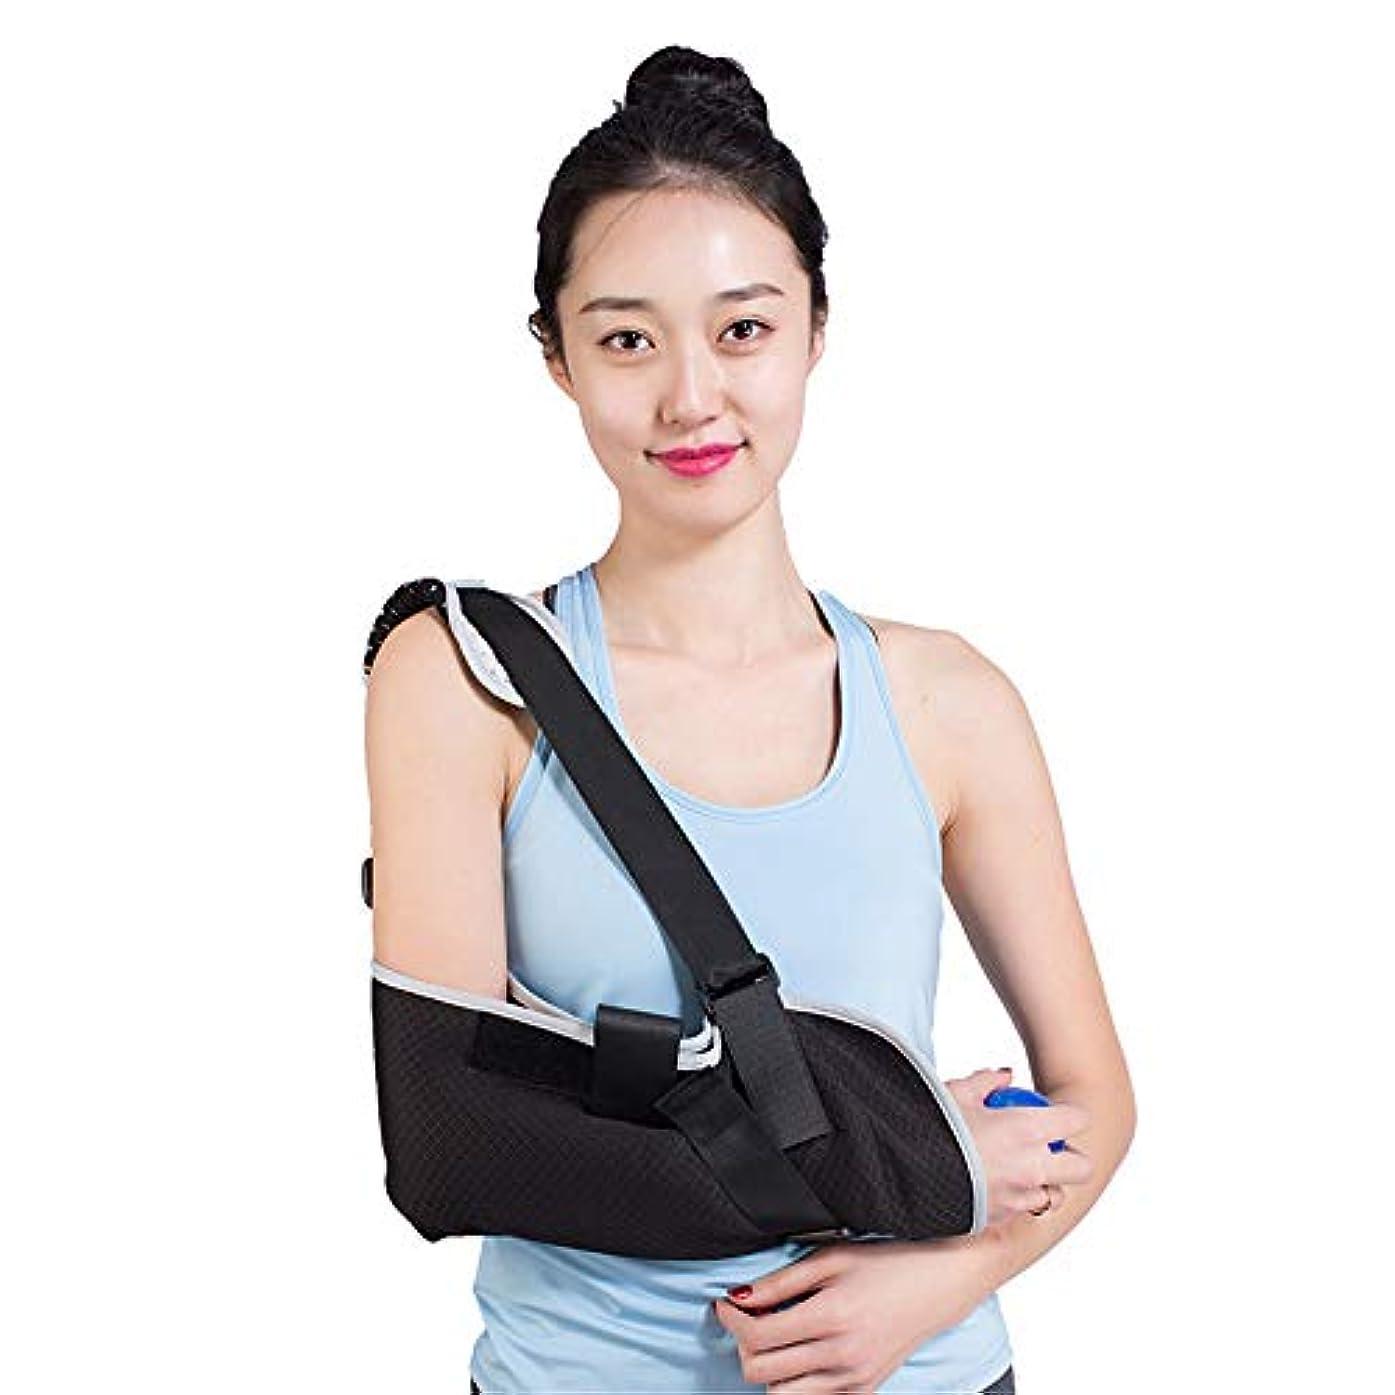 機密科学スキニーアームスリング、ショルダーイモビライザー、壊れたアームイモビライザー用手首肘サポート人間工学的、軽量、通気性メッシュ-男性と女性の両方に適合、フリーサイズ